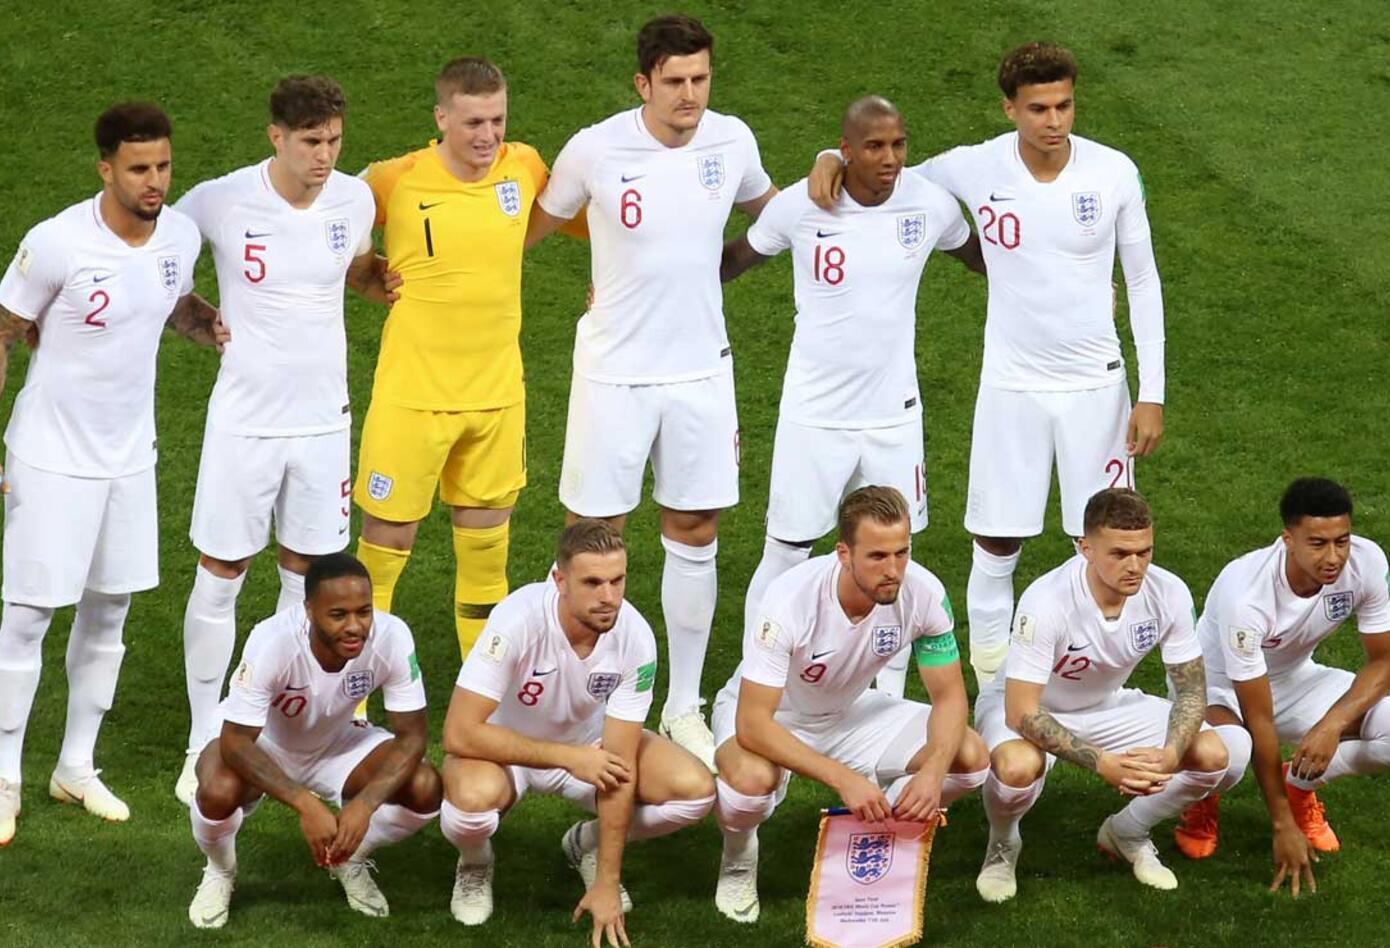 Inglaterra formado ante Croacia en semifinales del Mundial de Rusia 2018